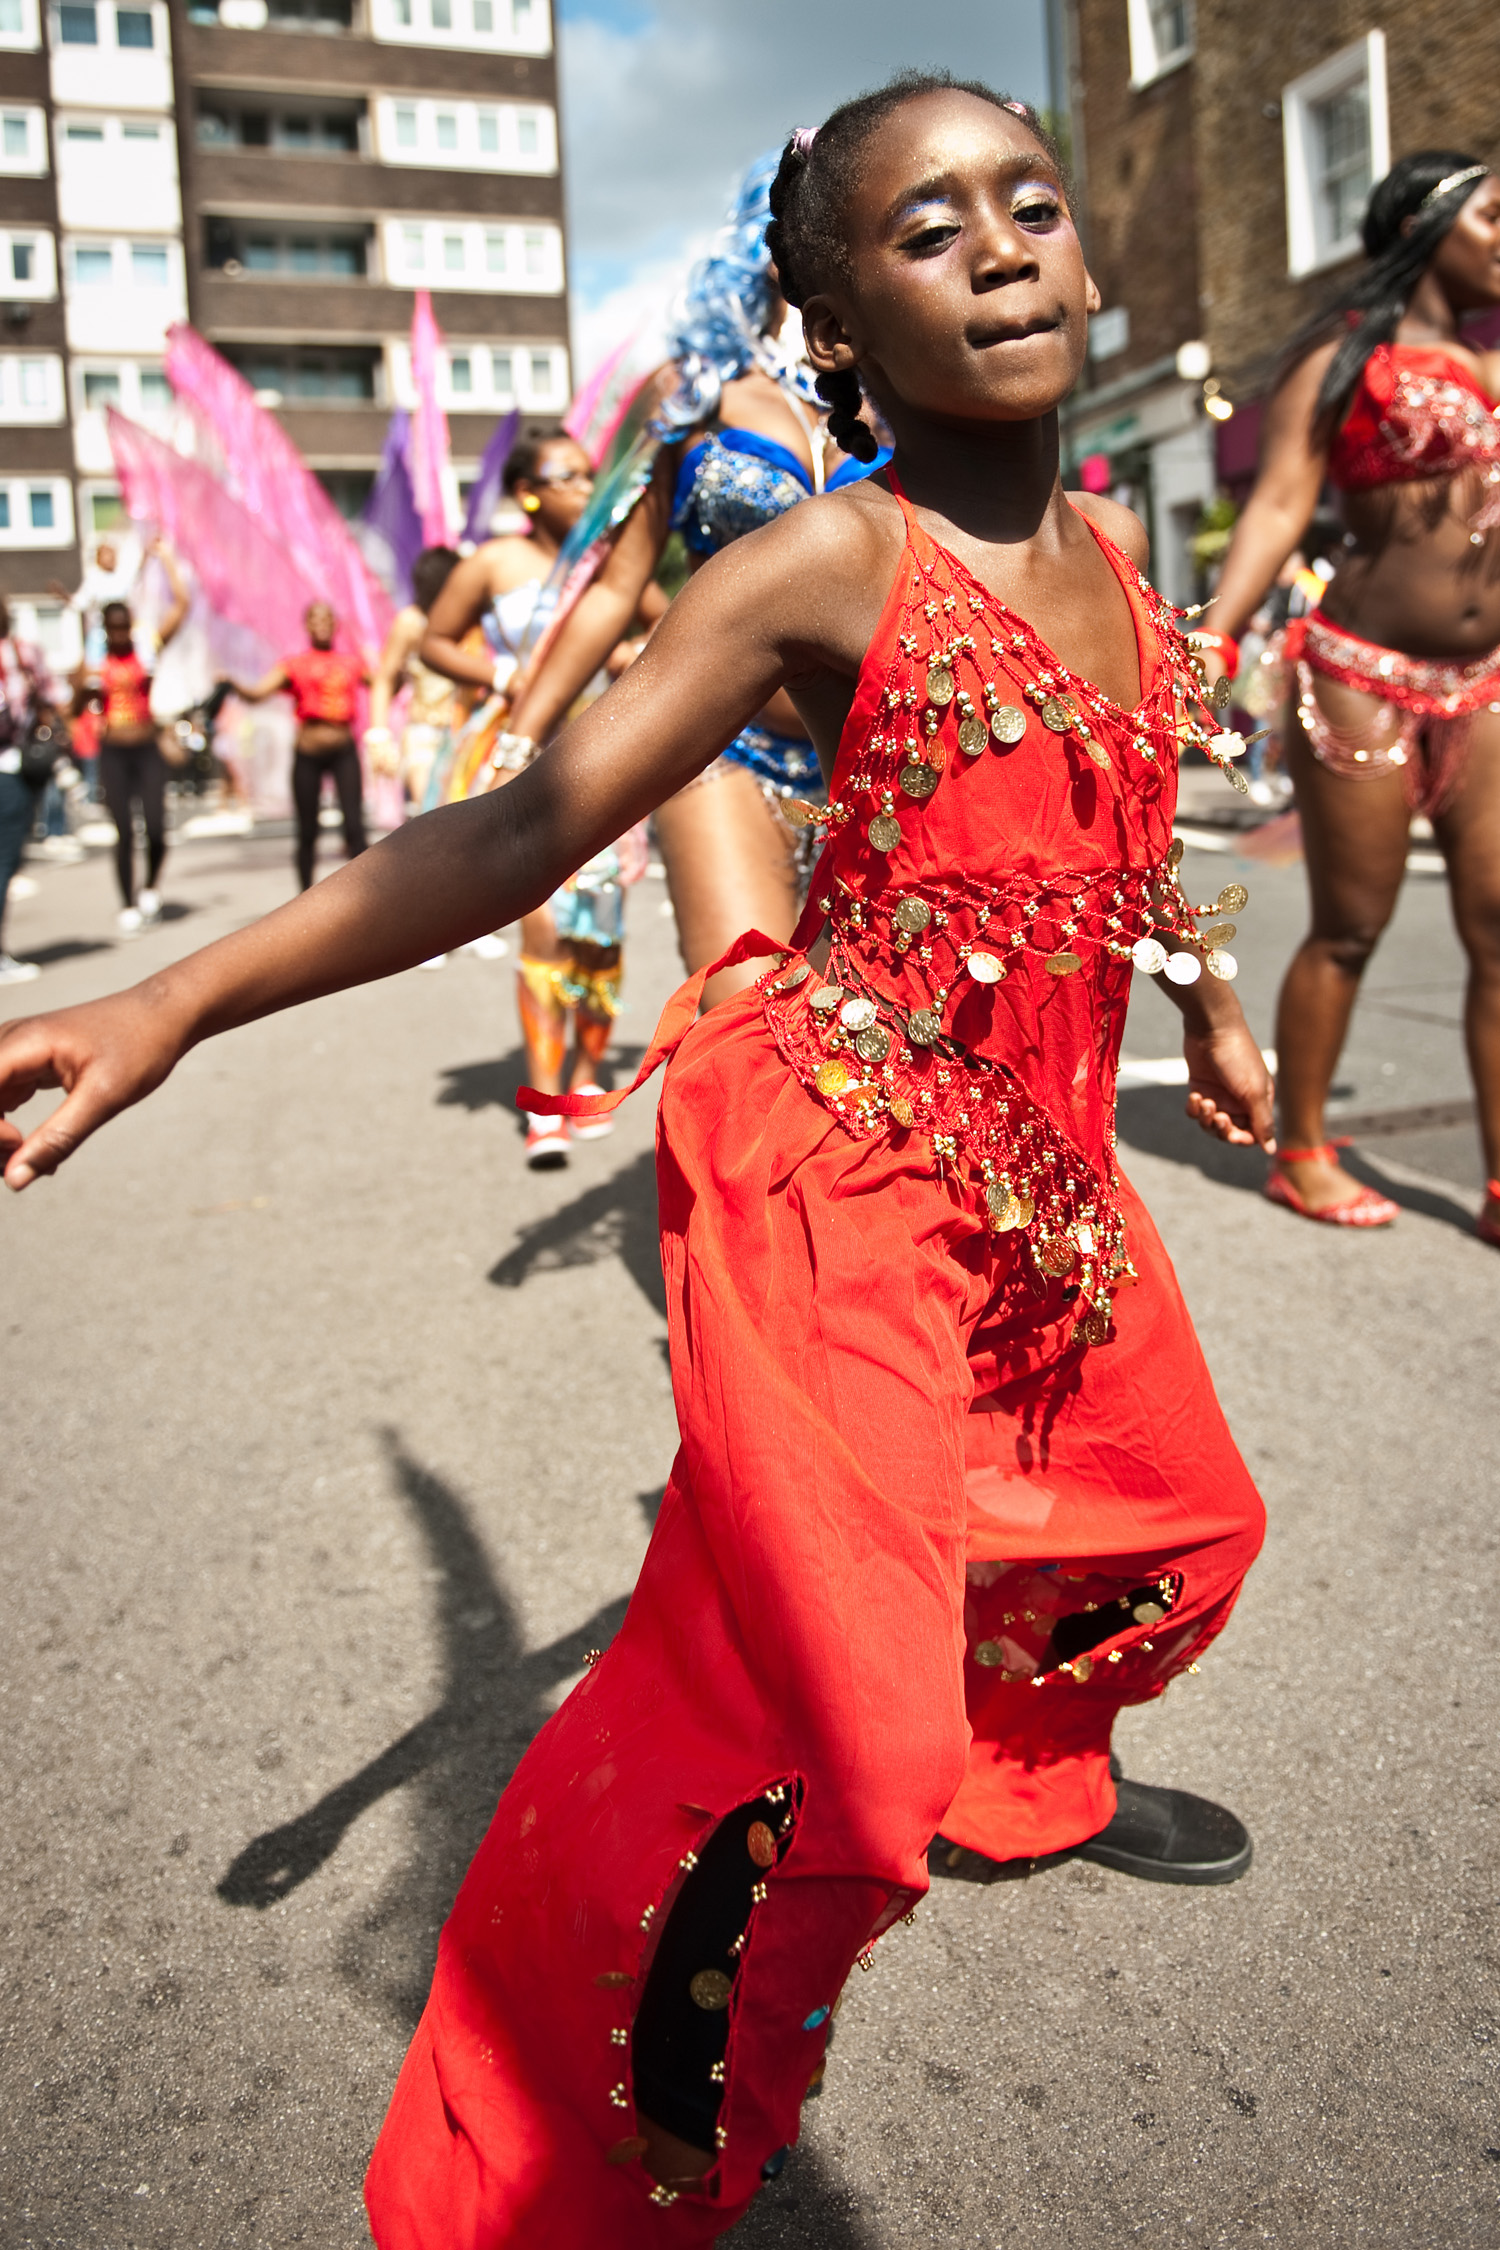 Carnival_the_Kids_08